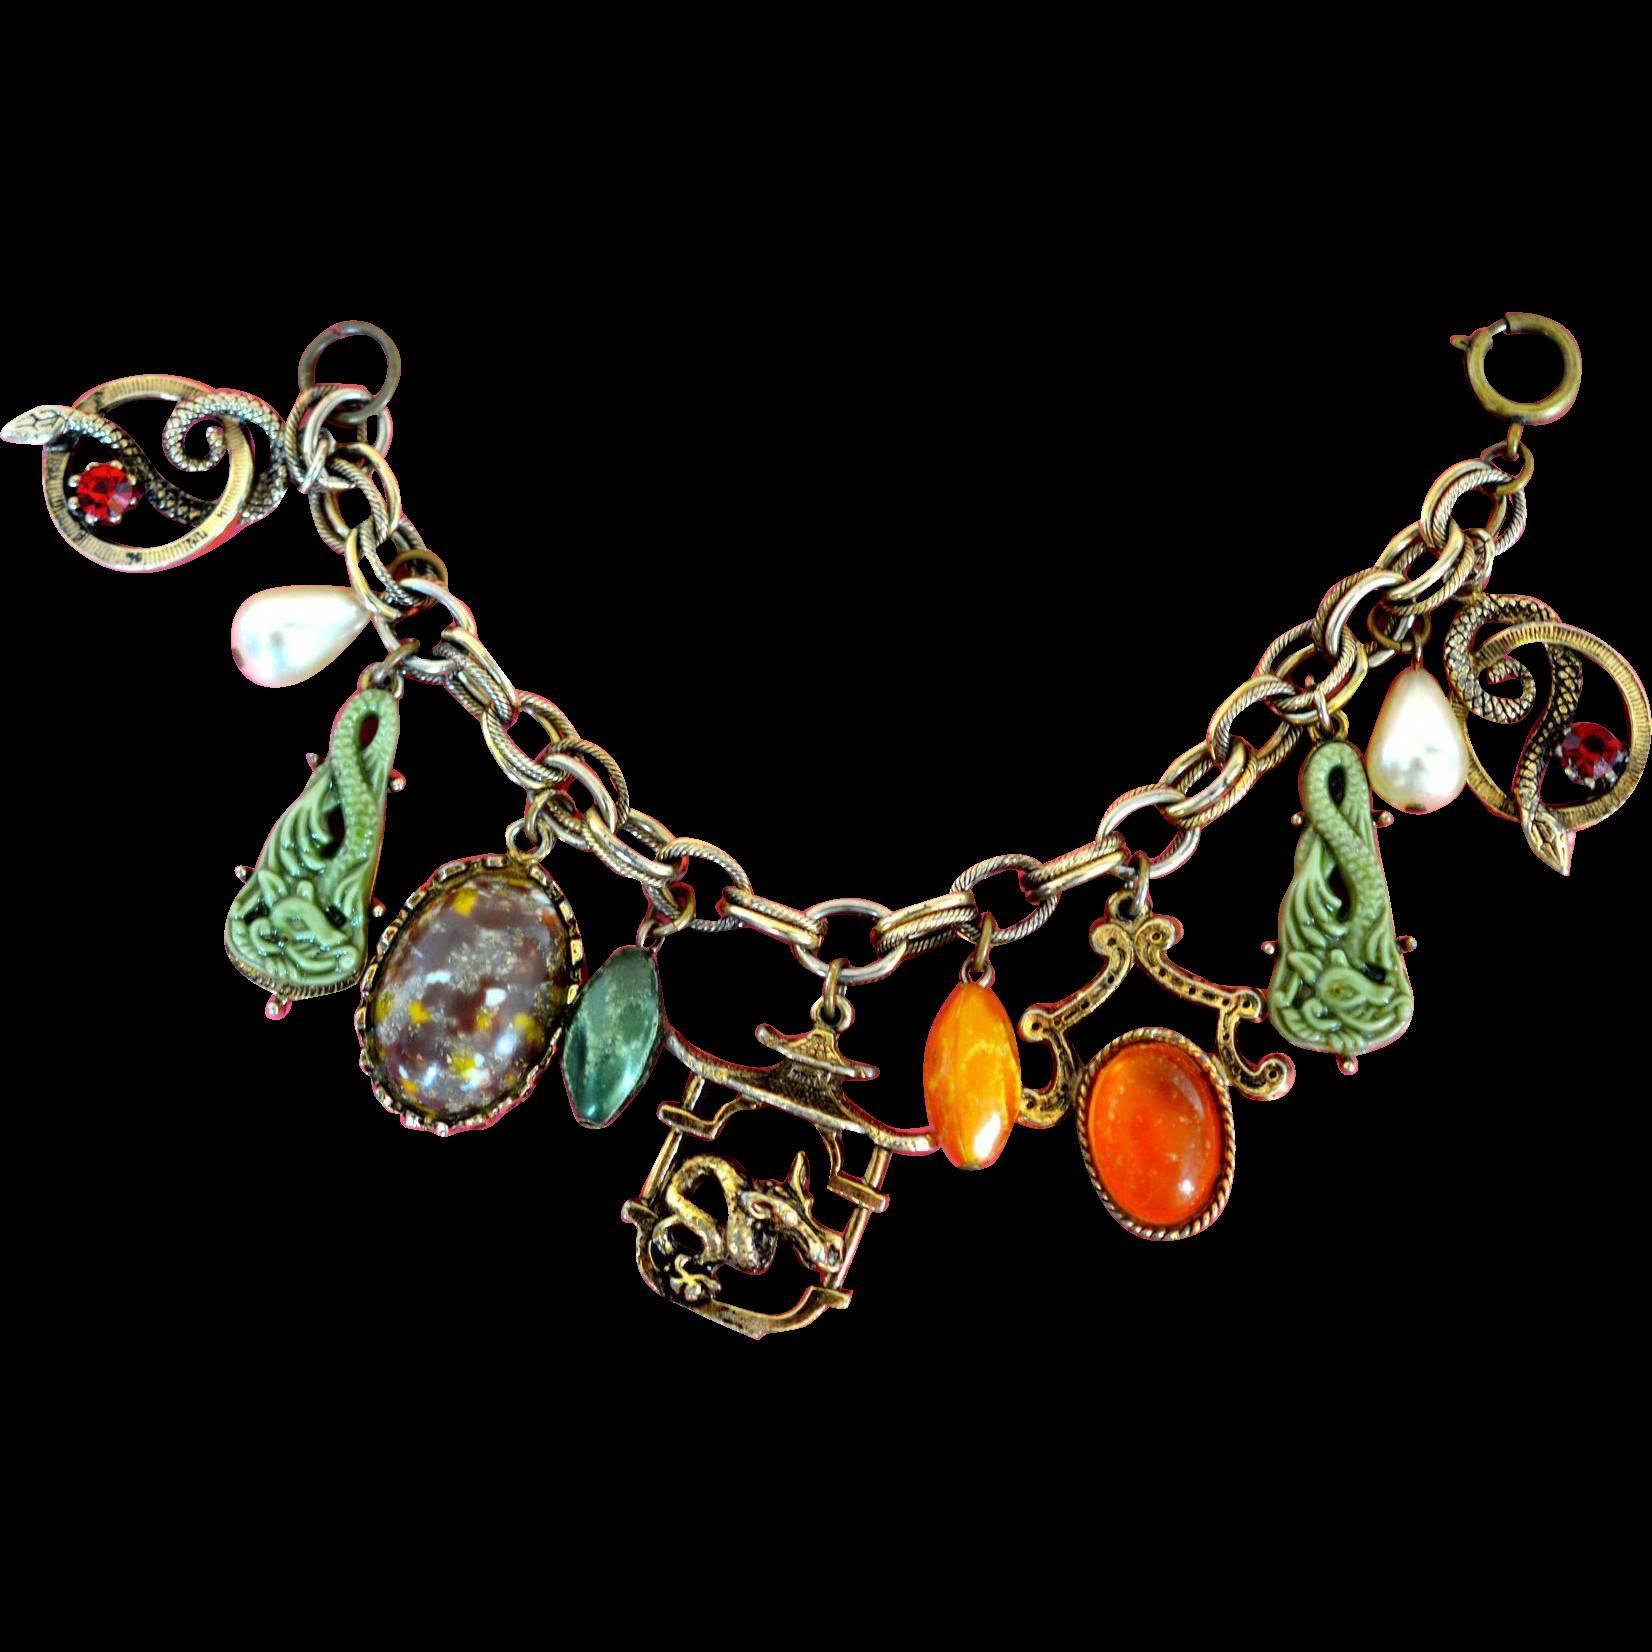 Oriental Charm Bracelet Susiesvintagejewelrystore Ruby Lane